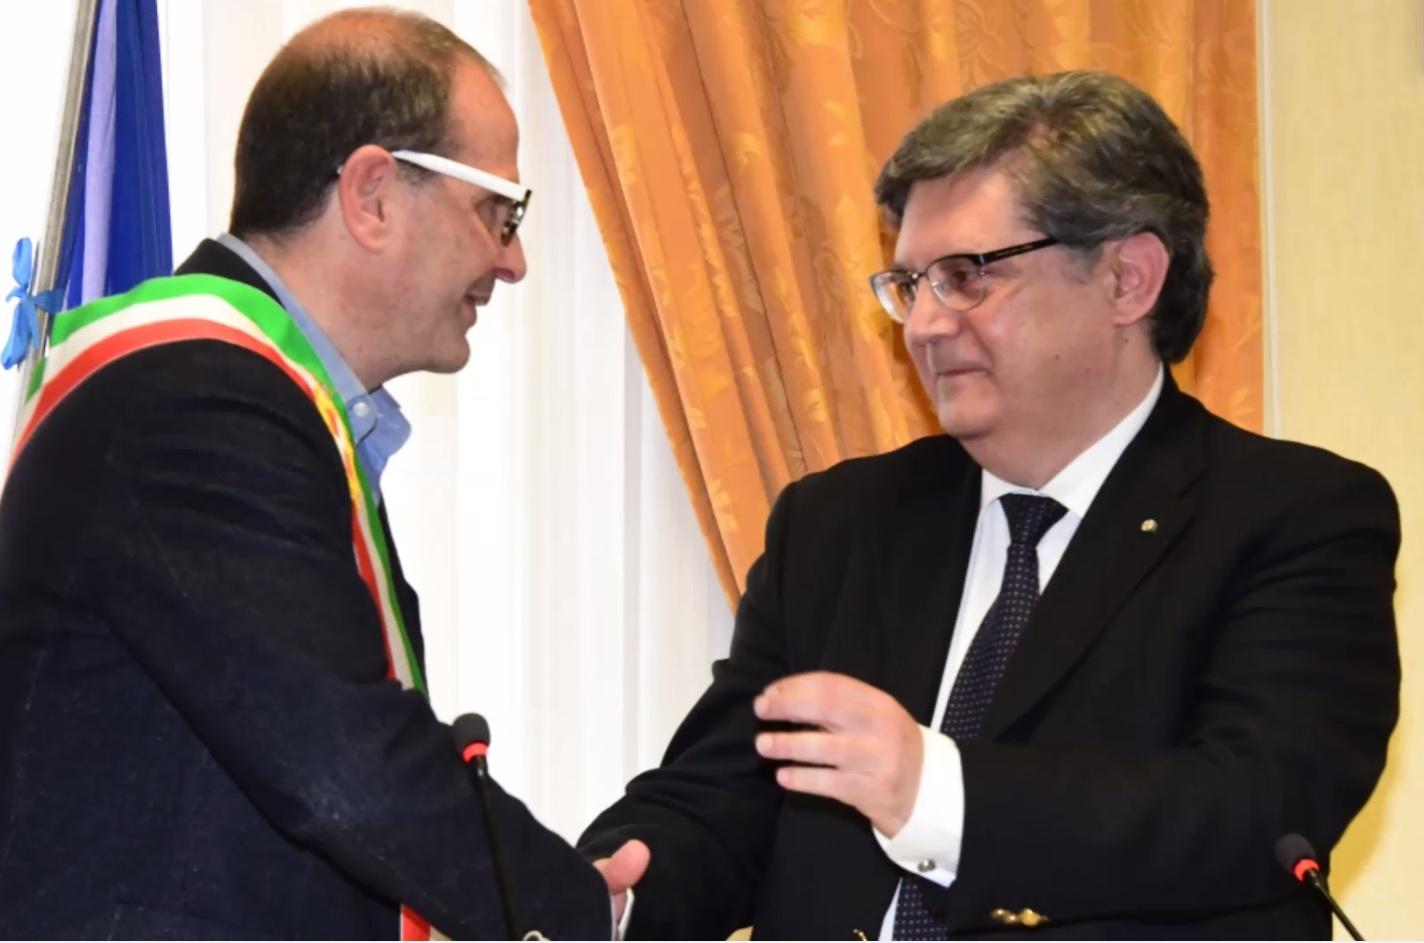 Cosimino Mitrano e il dott. Fabio Ricci